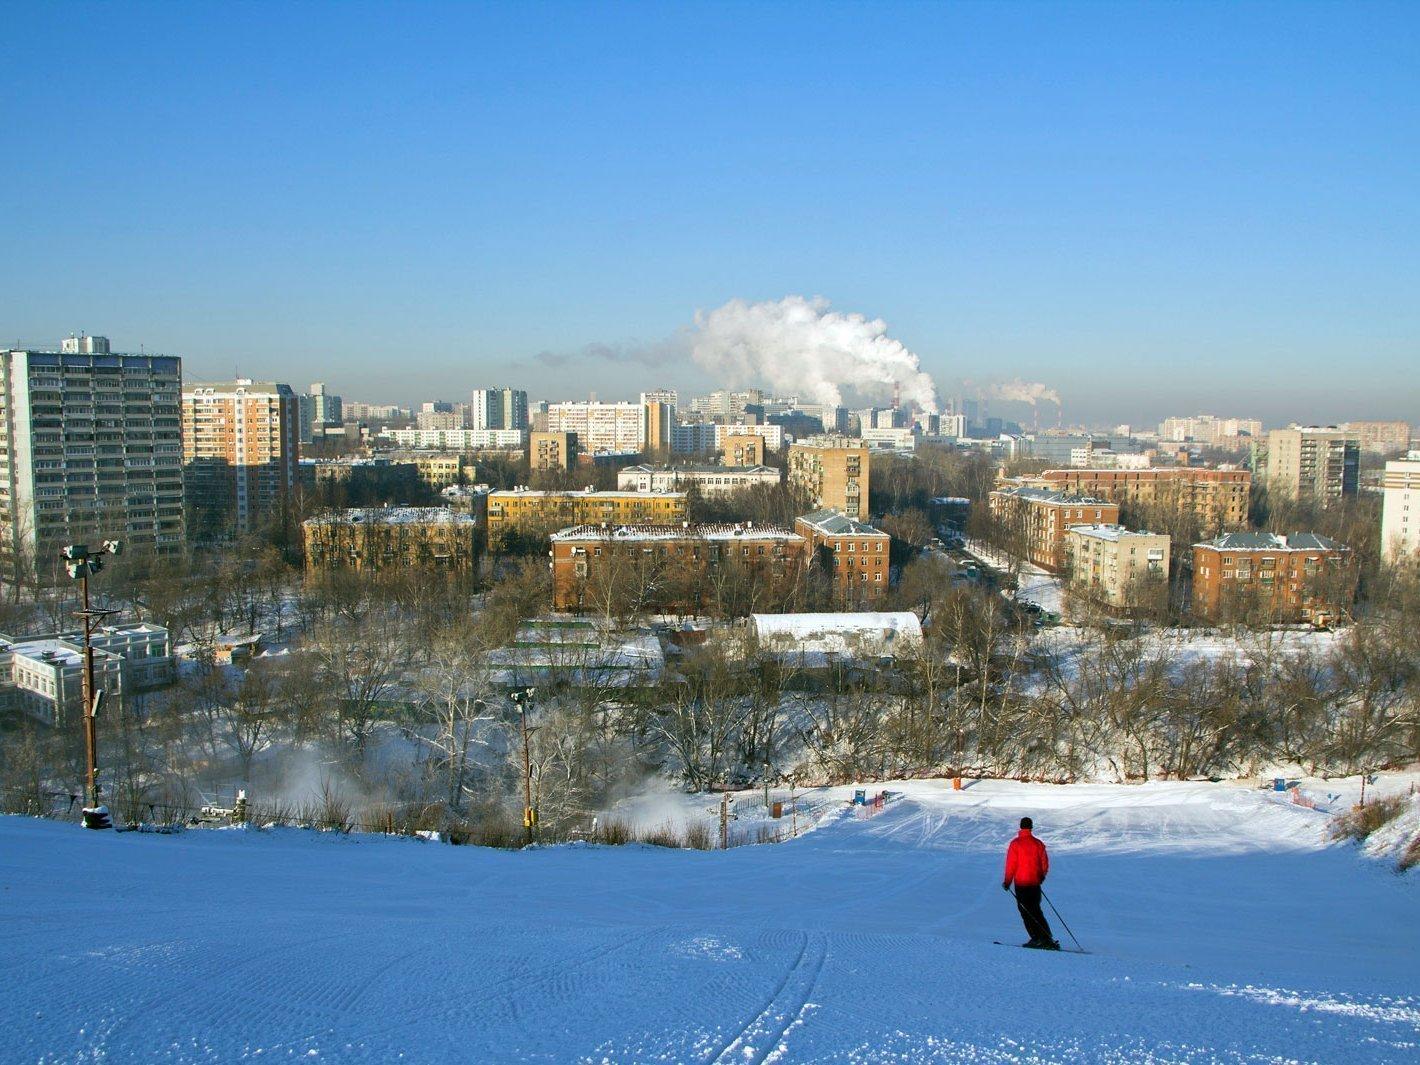 Вмосковском районе Марьино надень президентских выборов назначили референдум